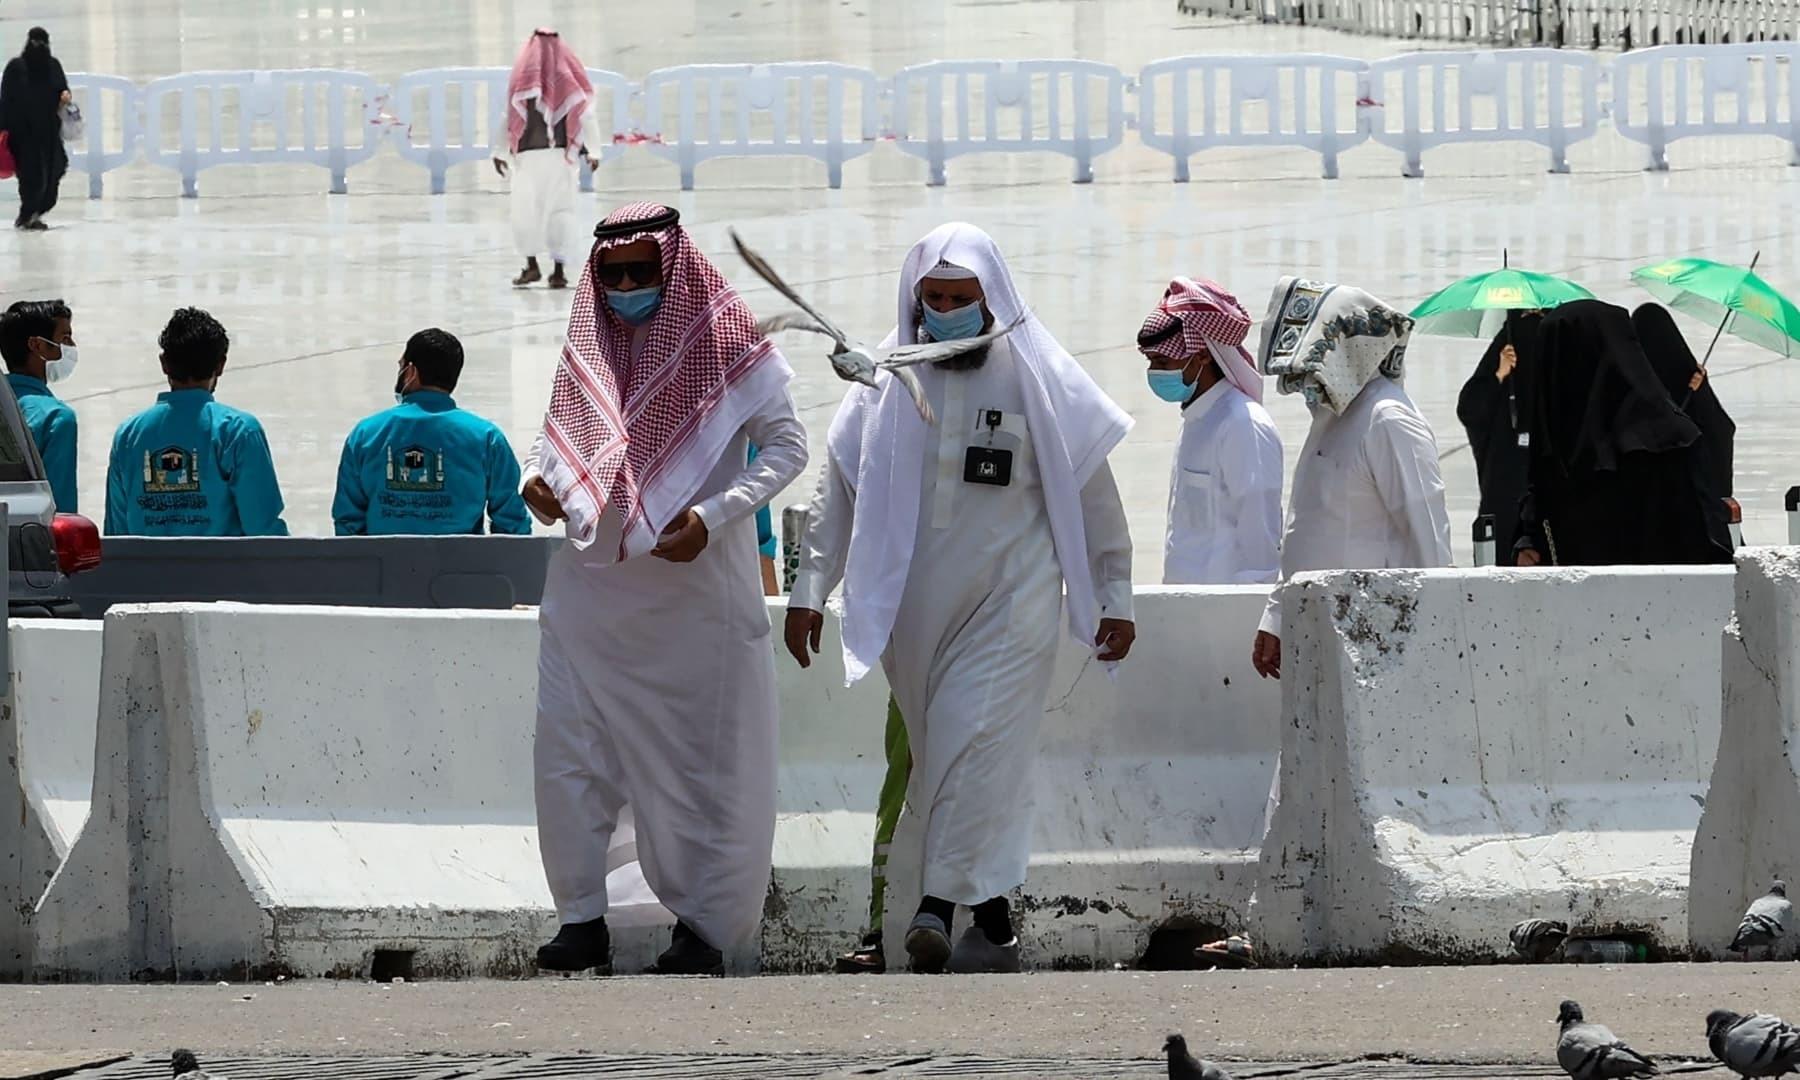 زائرین مکہ مکرمہ پہنچنا شروع ہوگئے ہیں - فوٹوـ اے ایف پی